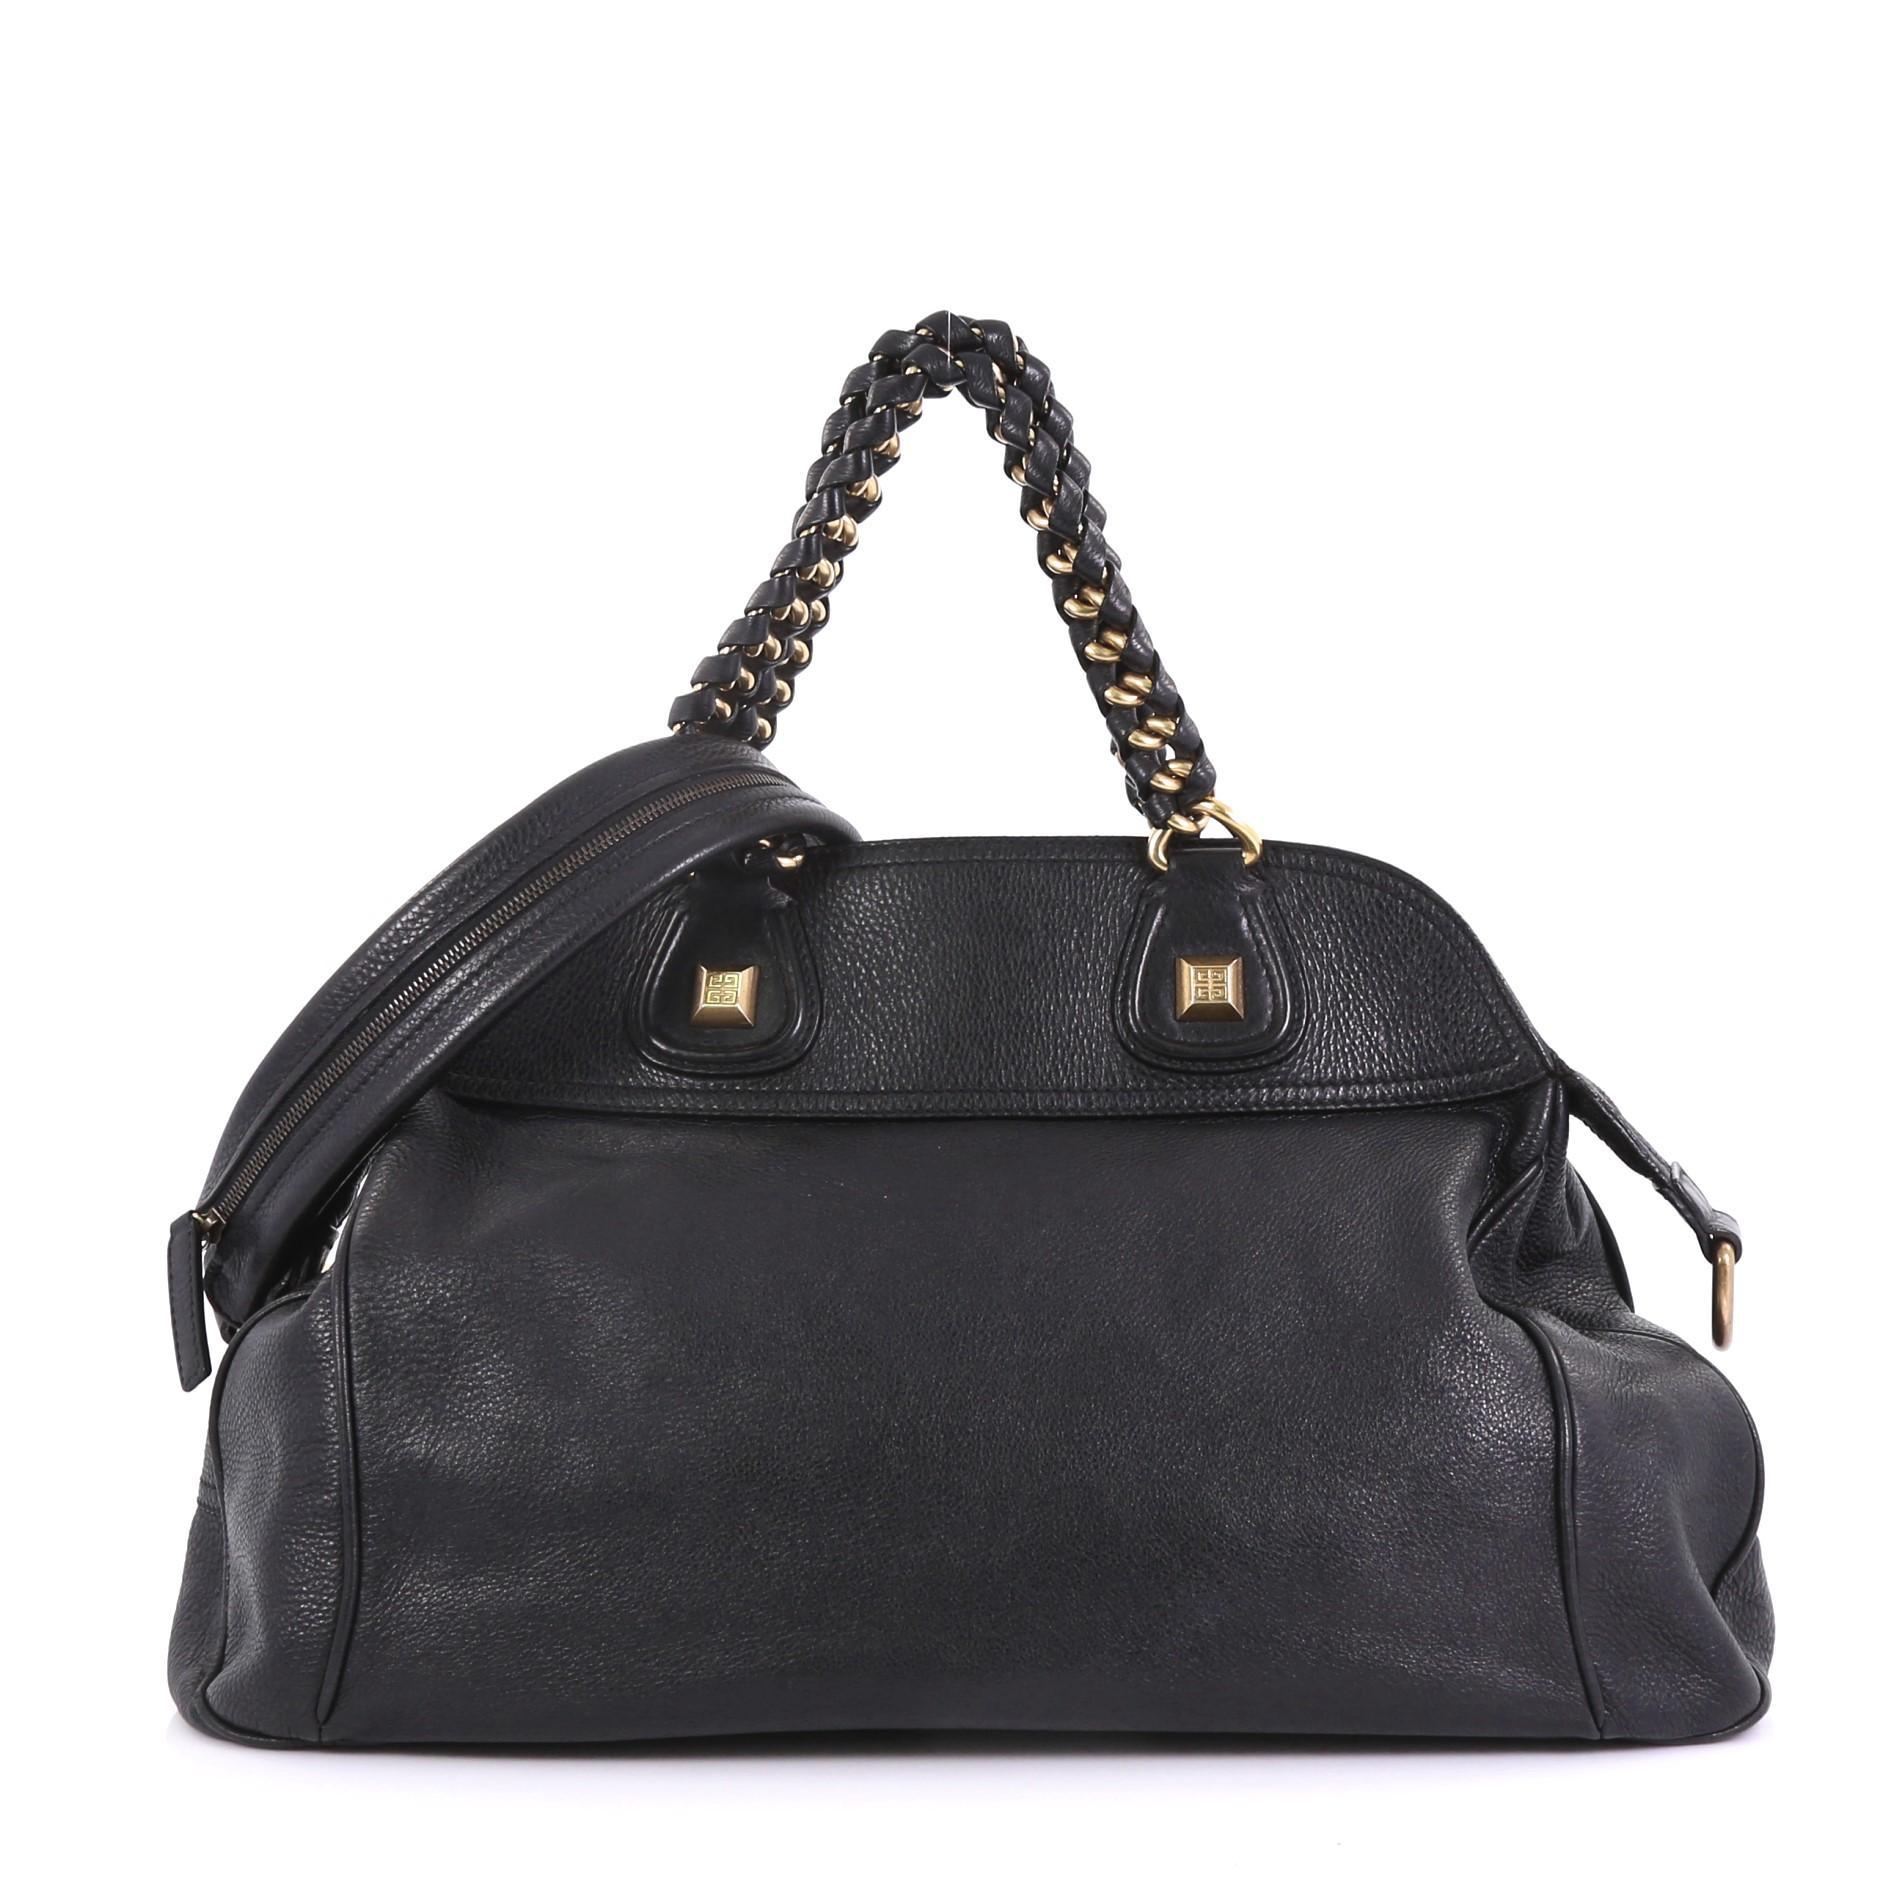 056b884a2b0 Rebag Tote Bags - 1stdibs